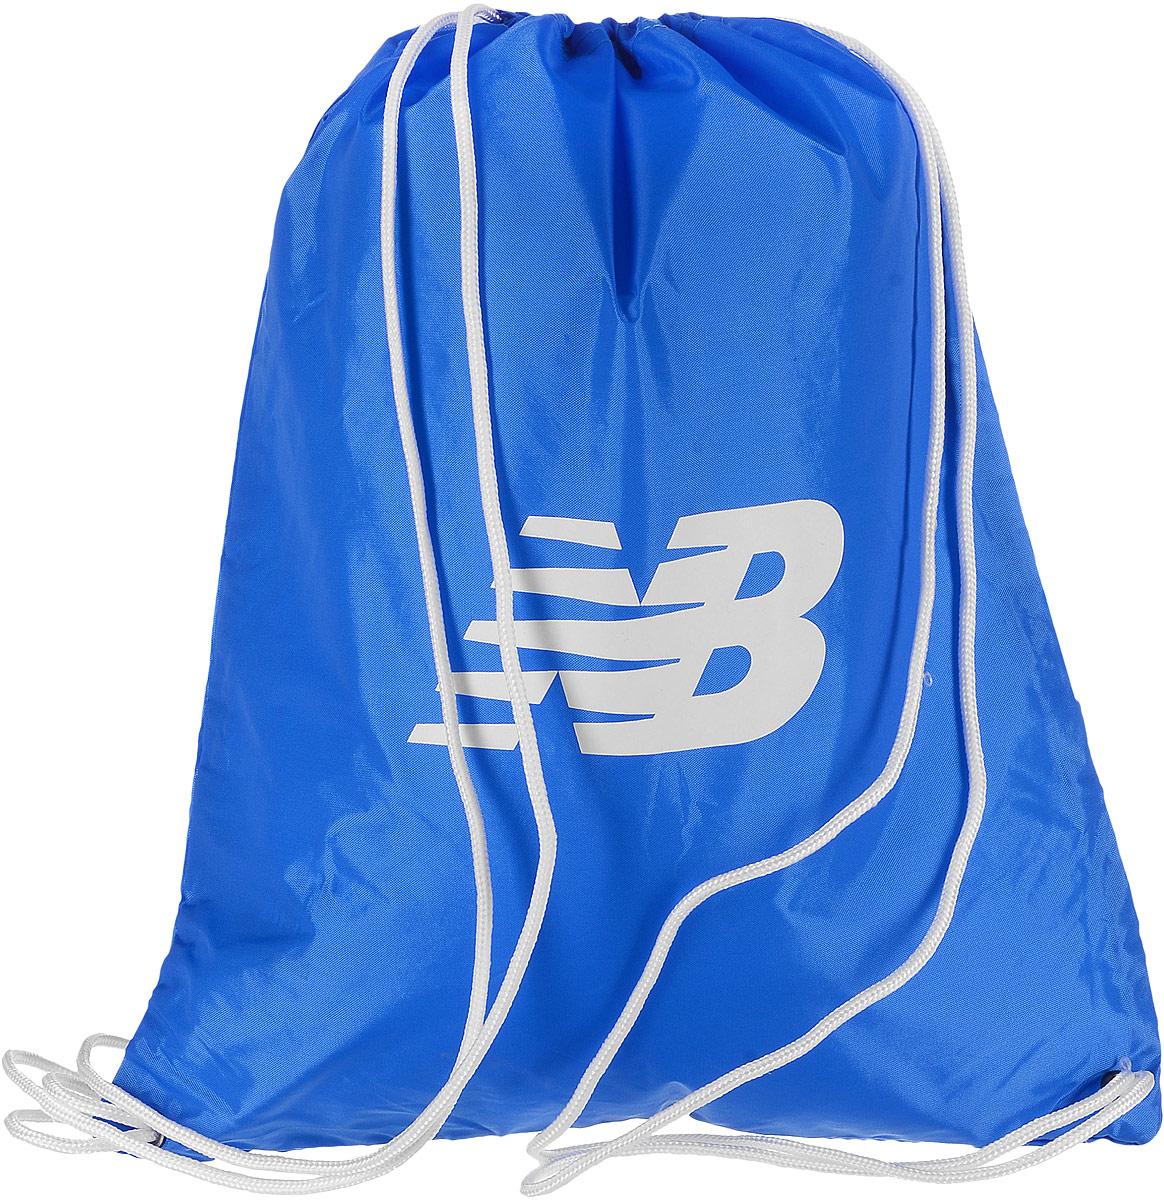 Рюкзак New Balance Cinch Sack, цвет: синий. 500006/BL579995-400Стильный спортивный рюкзак New Balance Cinch Sack выполнен из нейлона и оформлен символикой бренда. Изделие имеет одно основное отделение, которое закрывается с помощью затягивающего шнурка.Веревочные завязки можно использовать как наплечные лямки. Стильный и функциональный рюкзак поместит все необходимое.